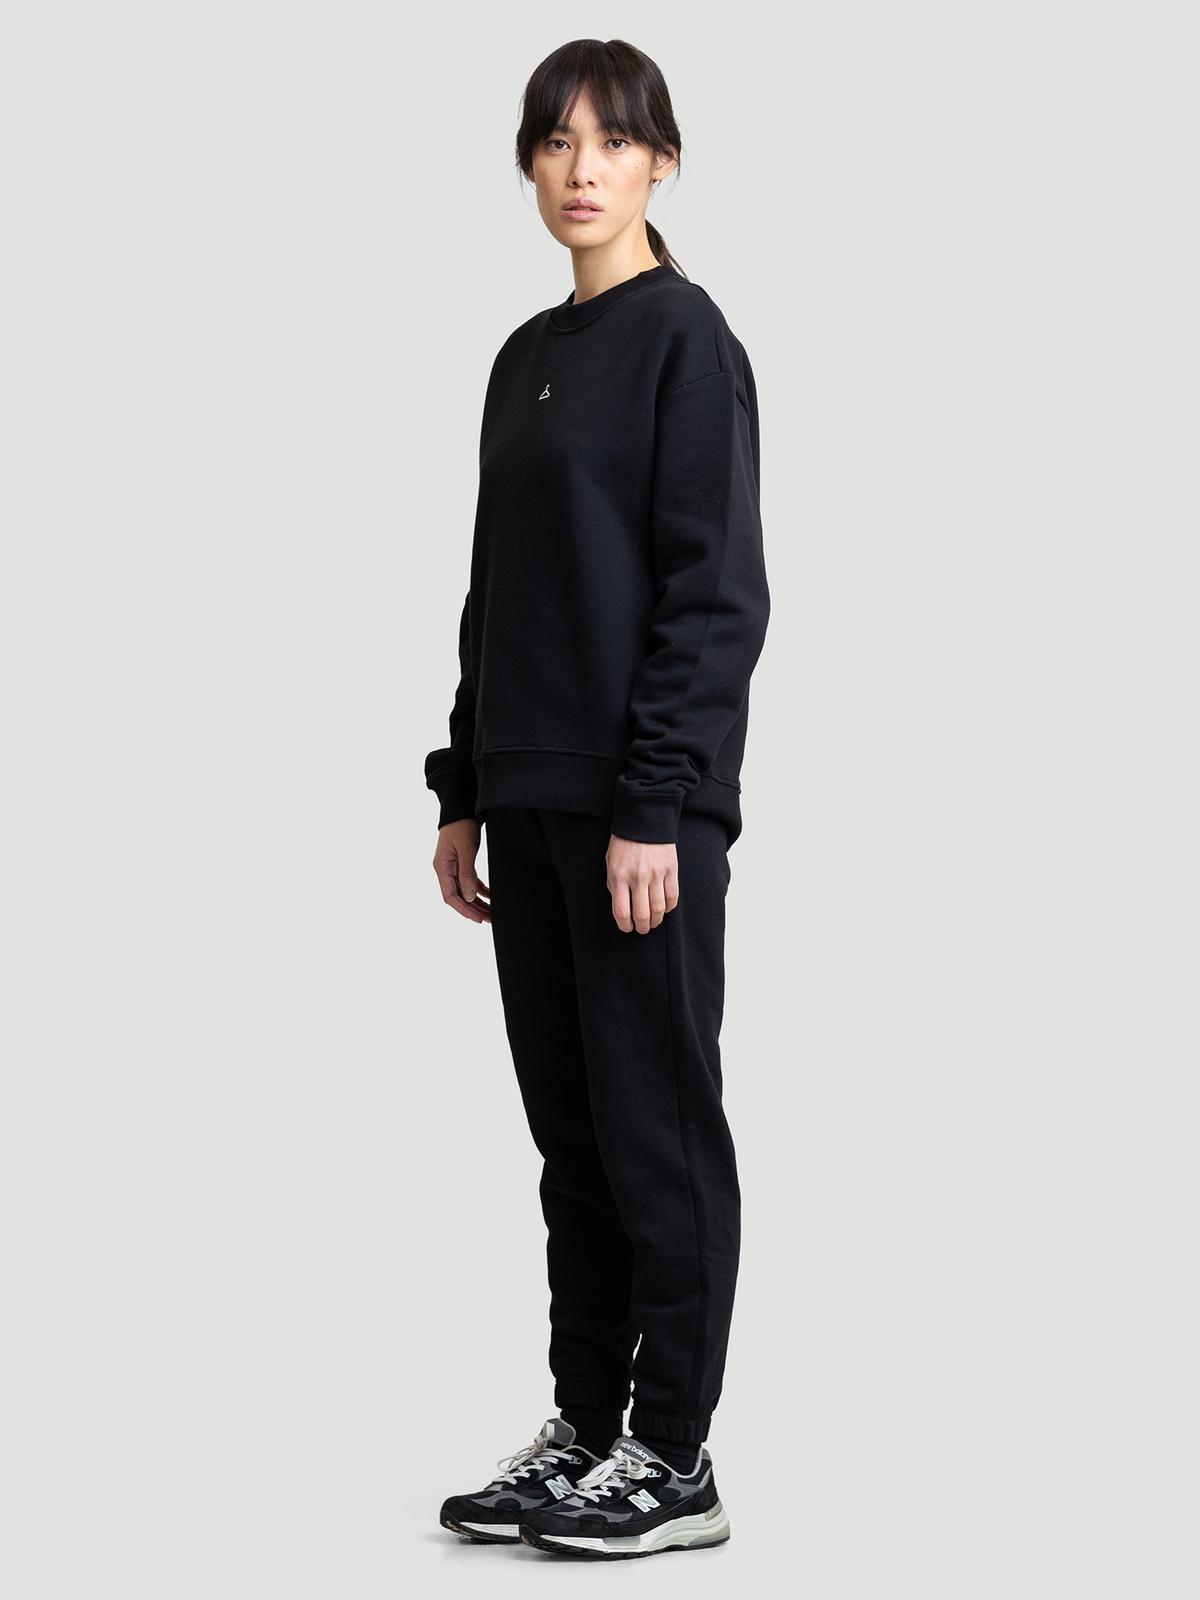 Hanger Trousers Black 4